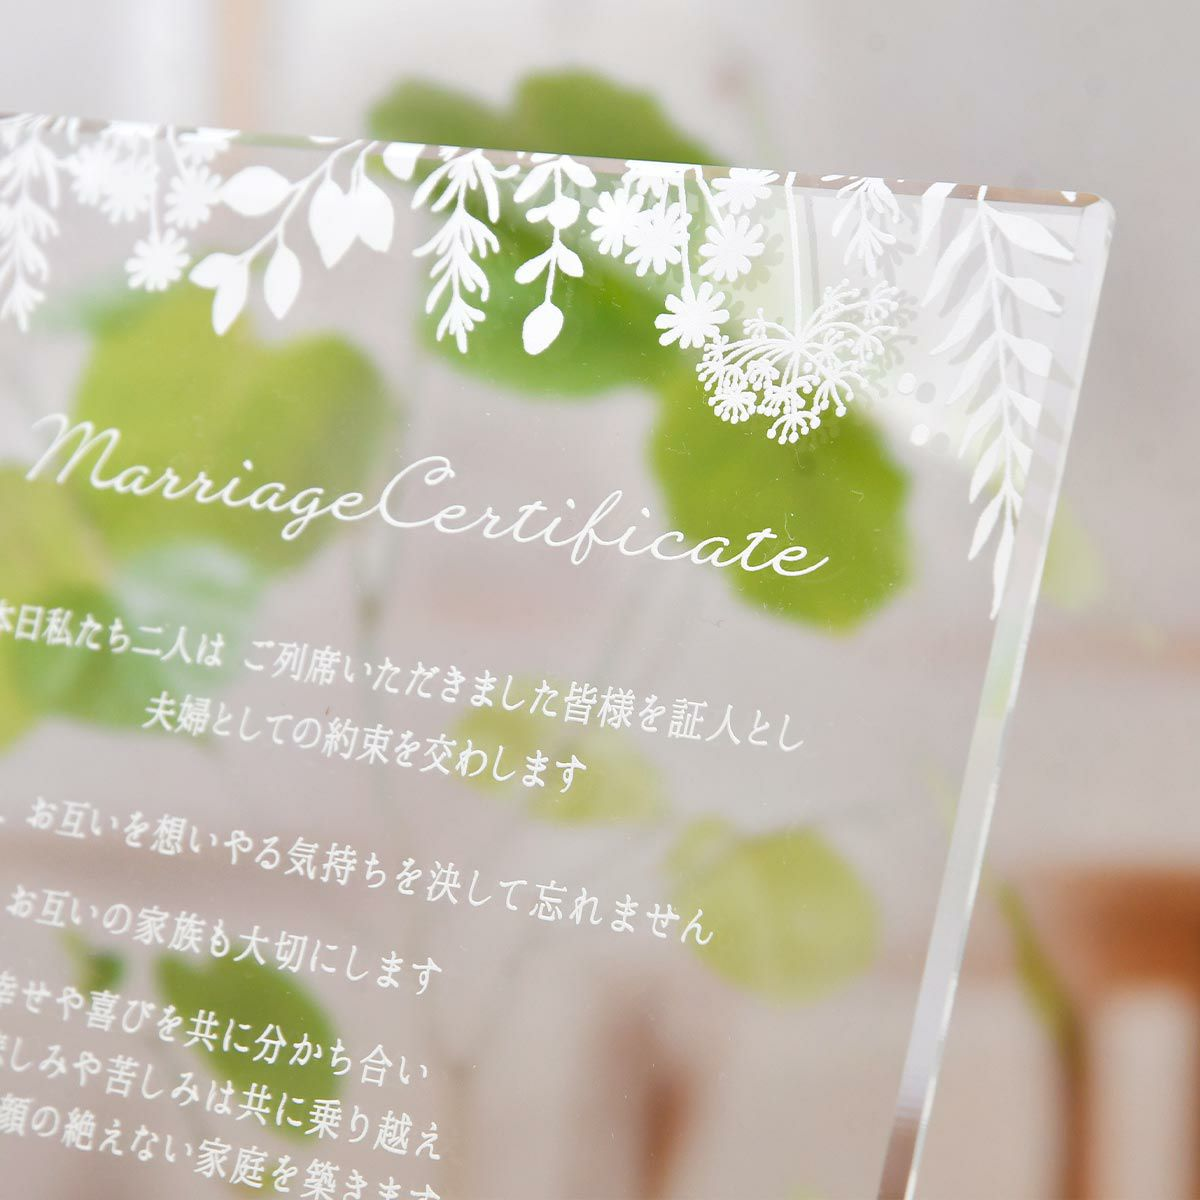 写真と誓いの約束がUV印刷されたガラスの結婚証明書